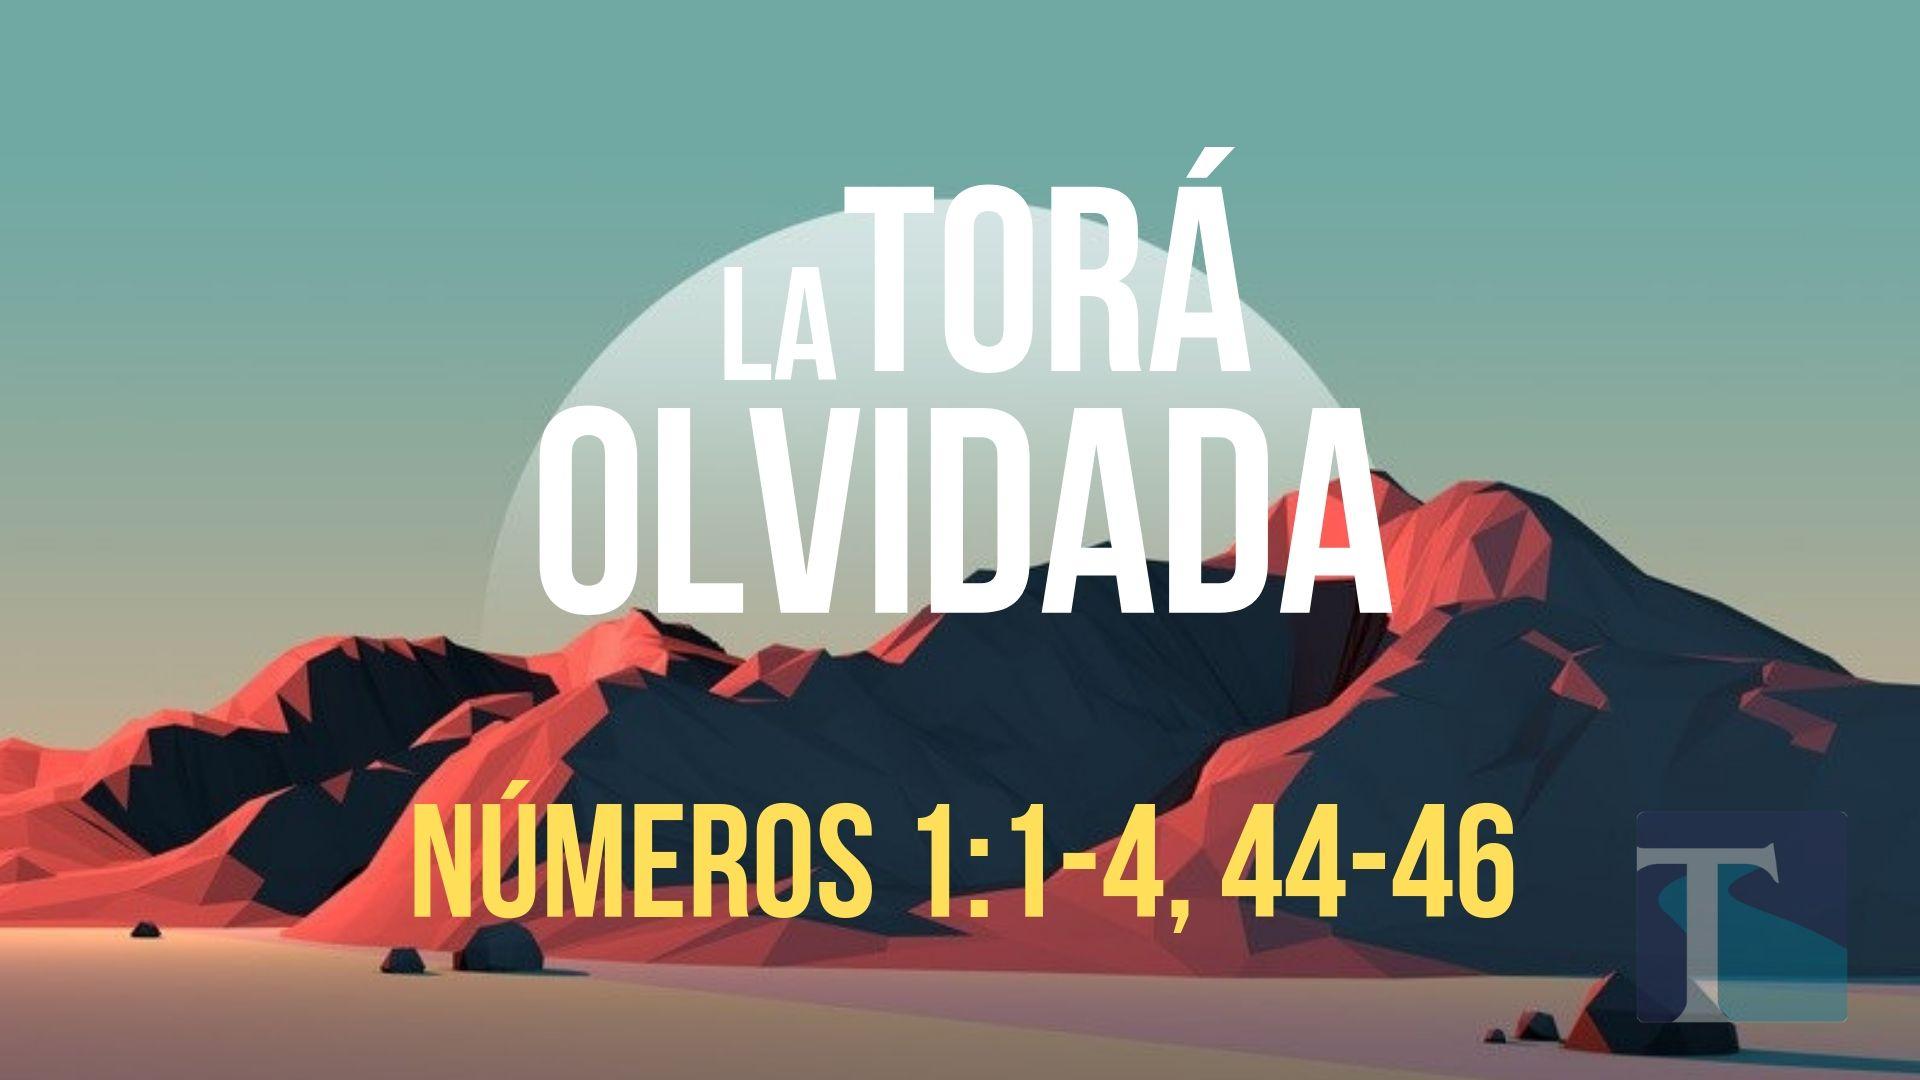 La Tora Olvidada 2-2.jpg